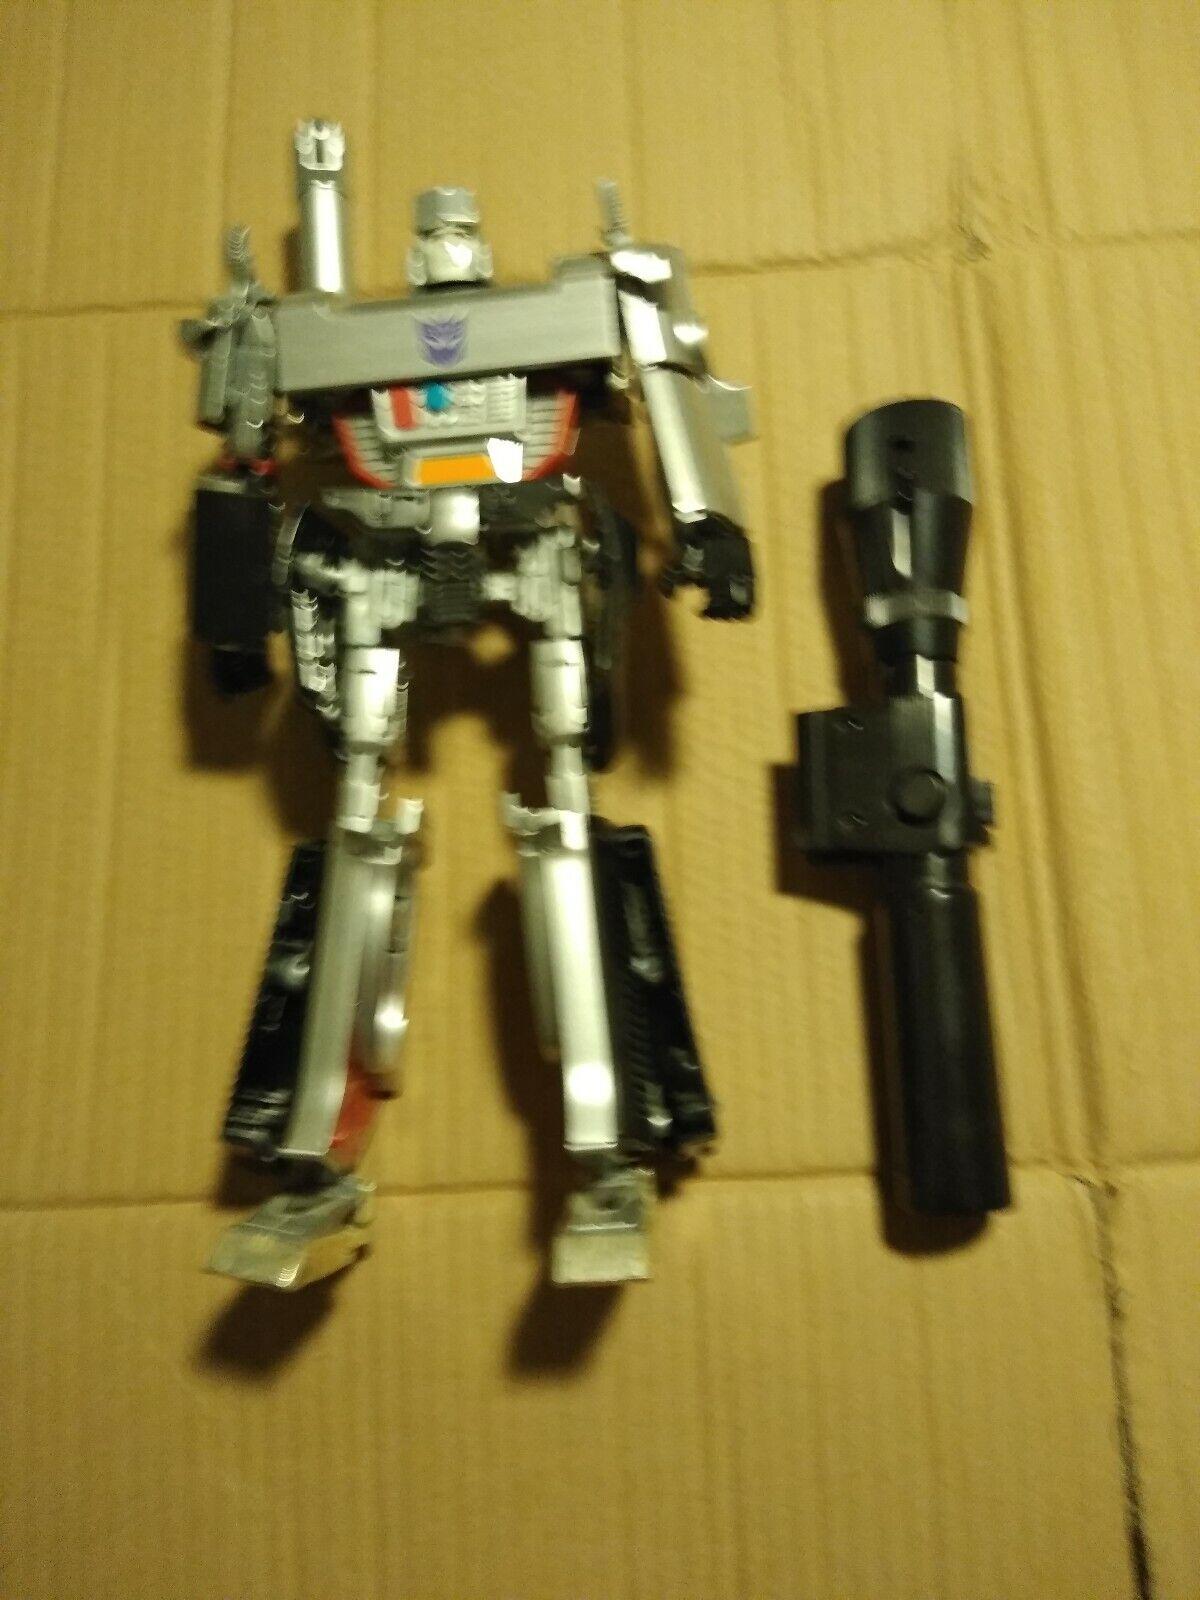 exclusivo Transformers Masterpiece Megatron Figura de 05 pistolas de máquina no no no completar partes Lote Auténtico  tienda de ventas outlet